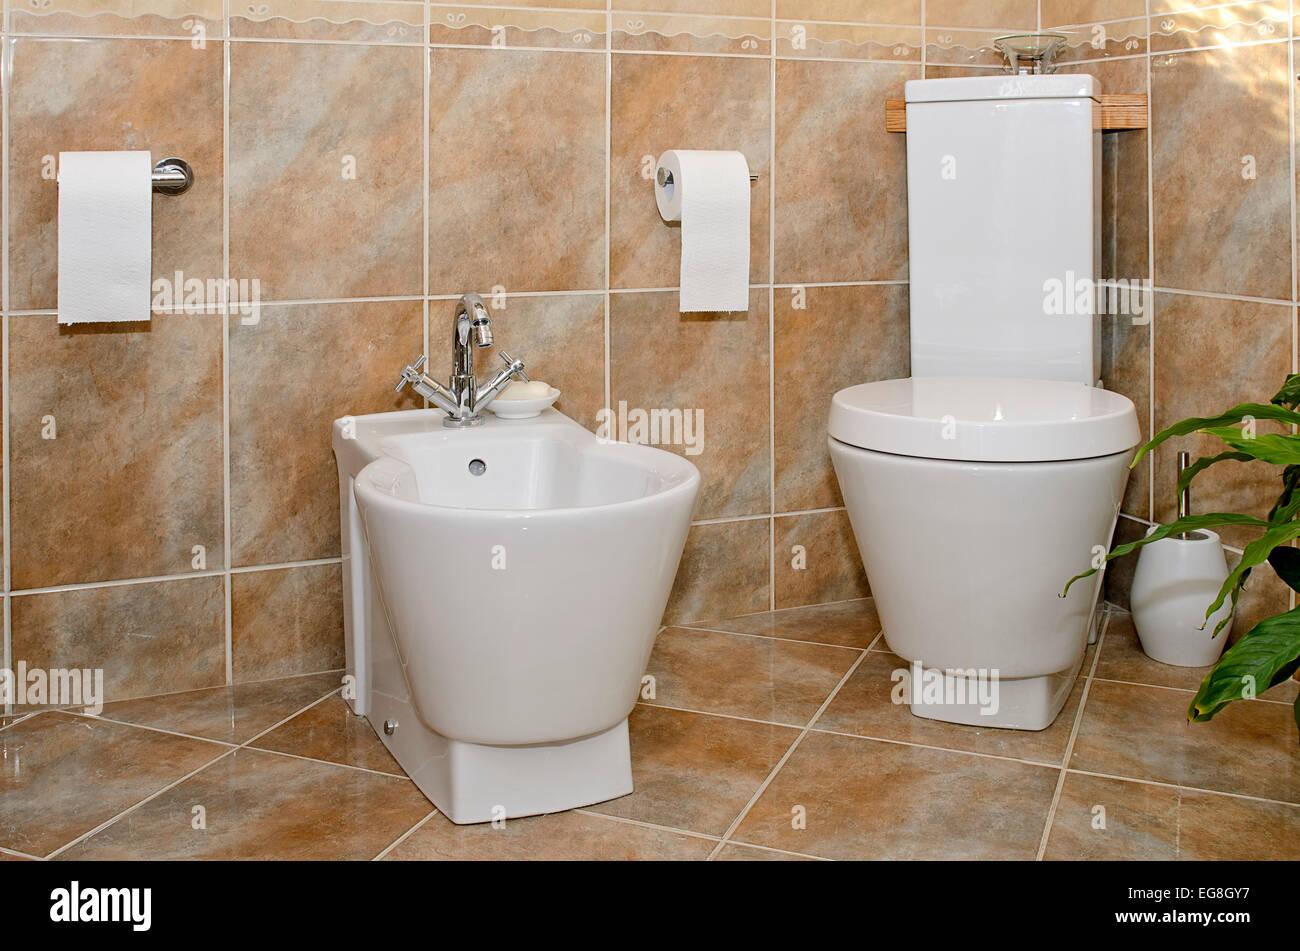 Moderne Toilette Stockfotos & Moderne Toilette Bilder - Alamy